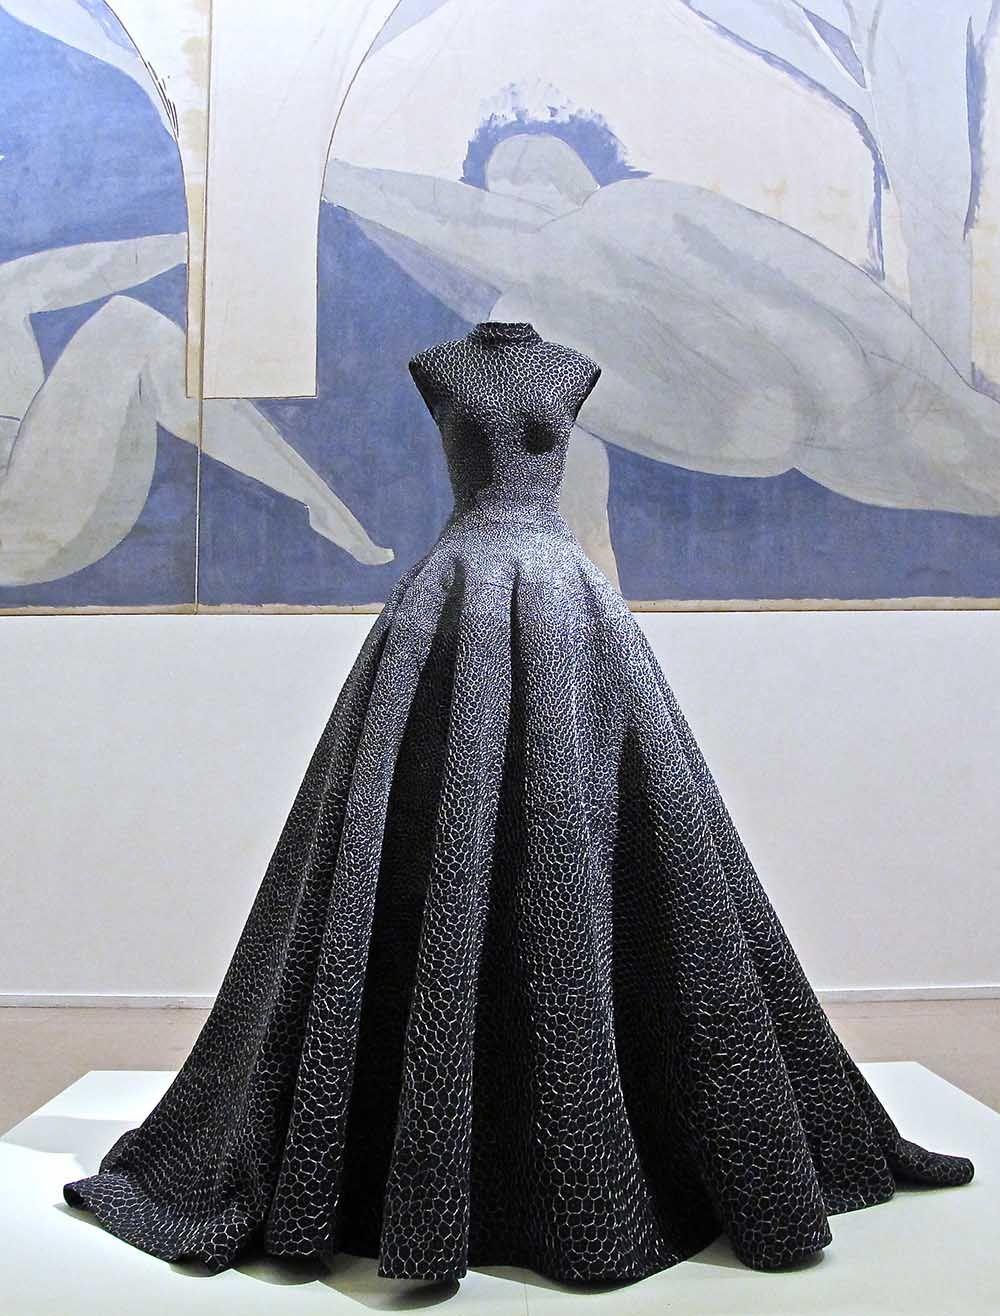 Azzedine Alaia Couture Exhibit